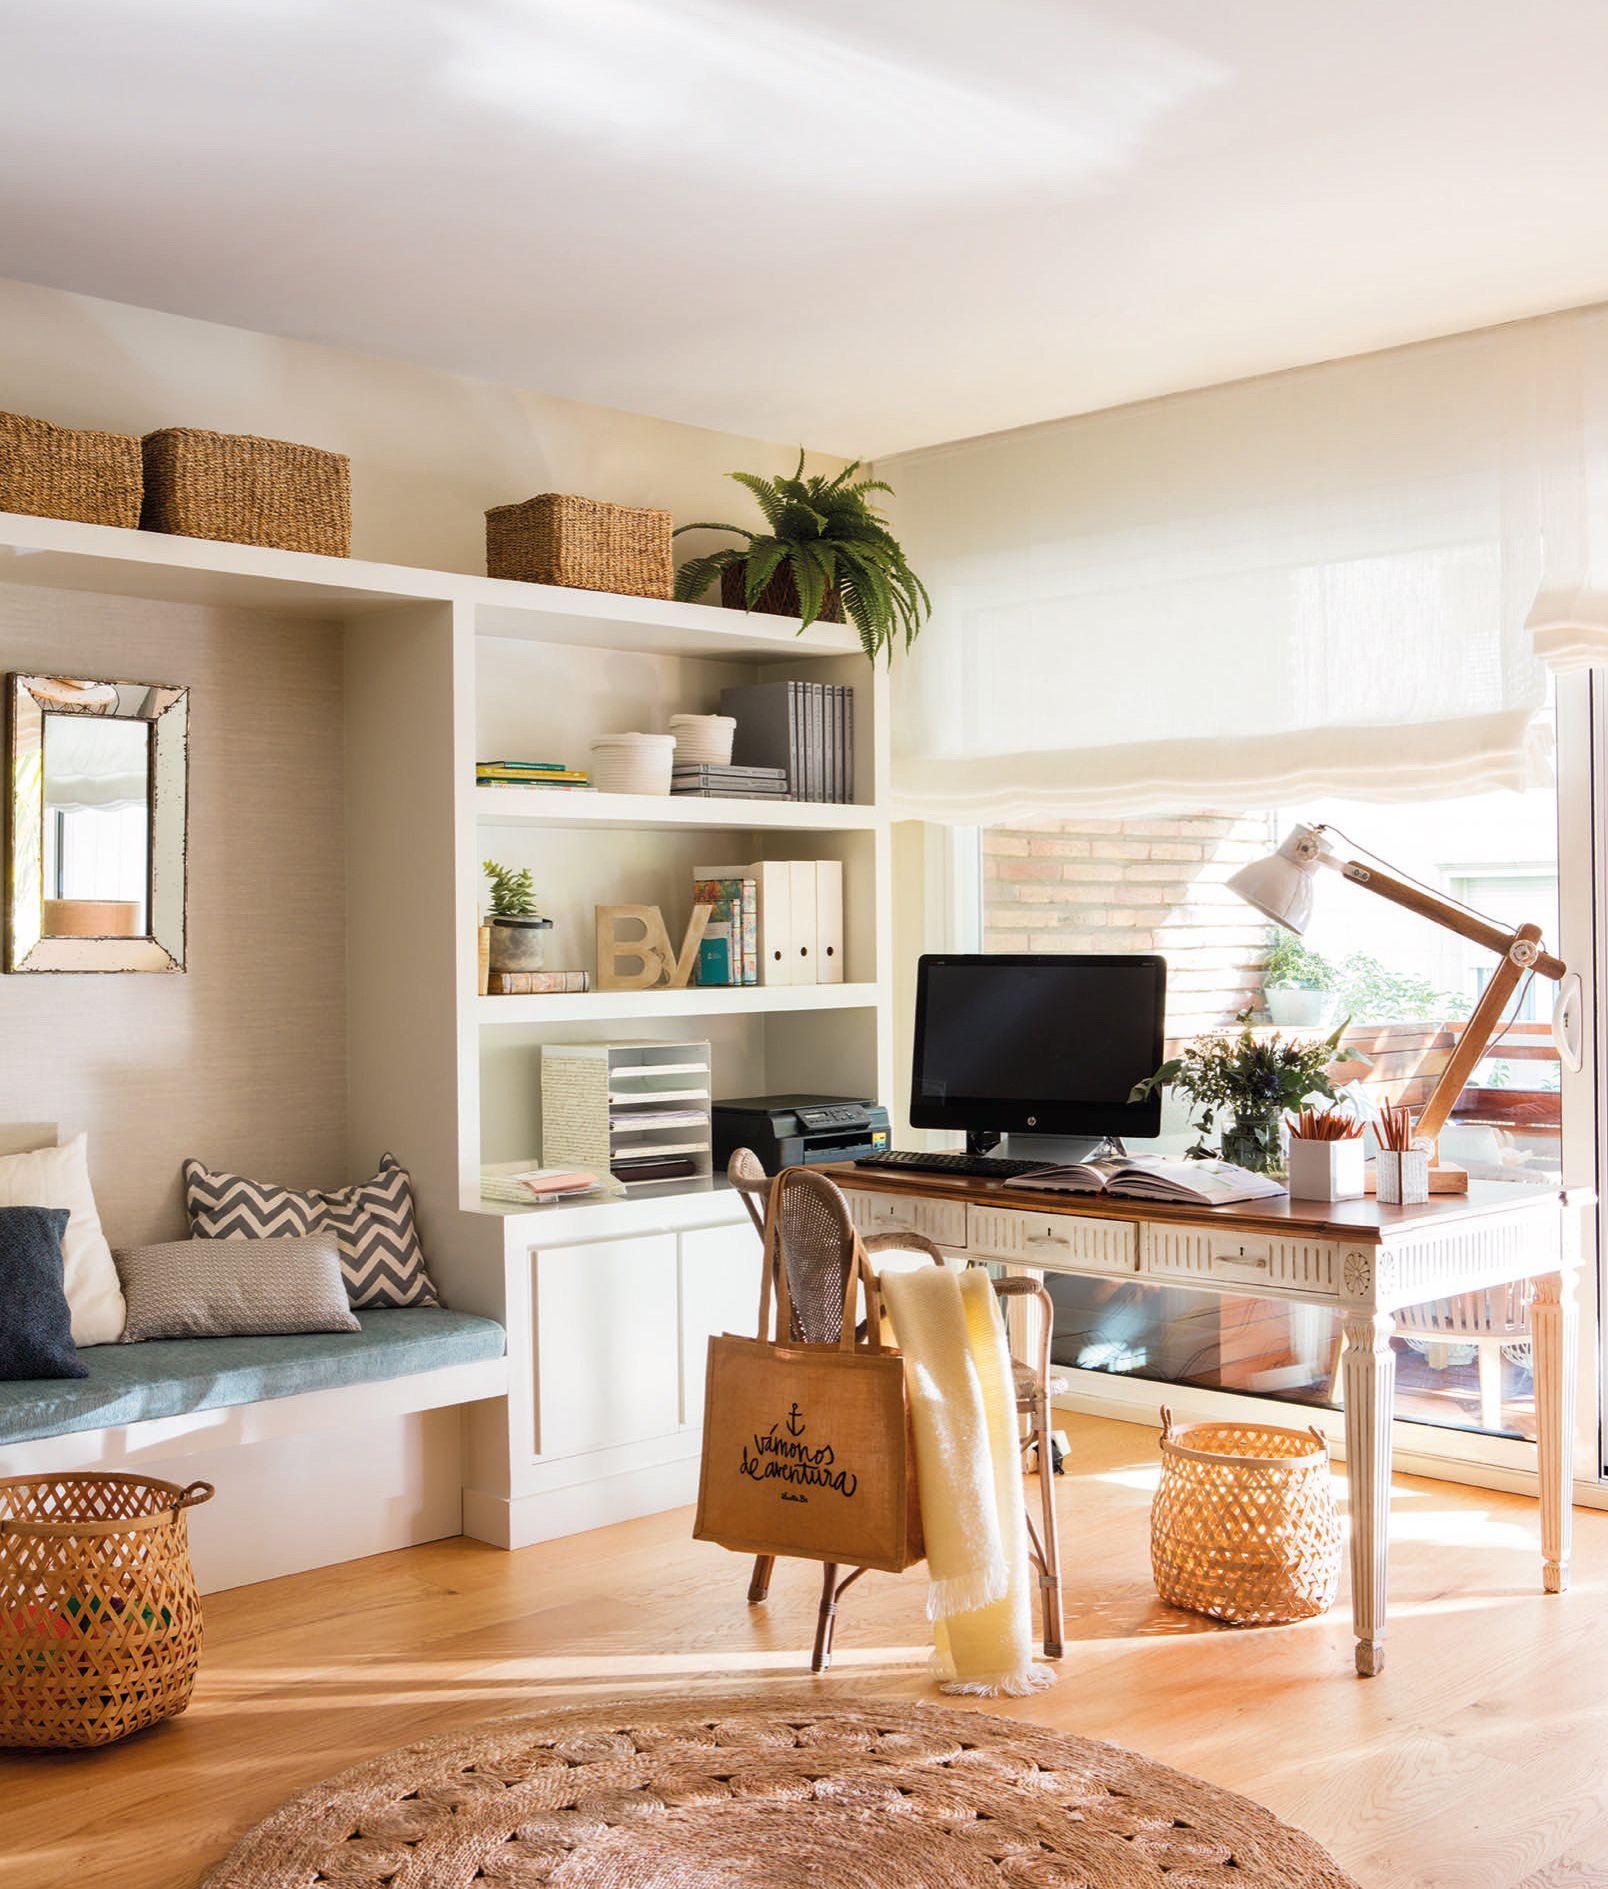 Escritorio Restaurado Con Mueble A Medida De Fondo Decoraci N  # Muebles Petit Corner